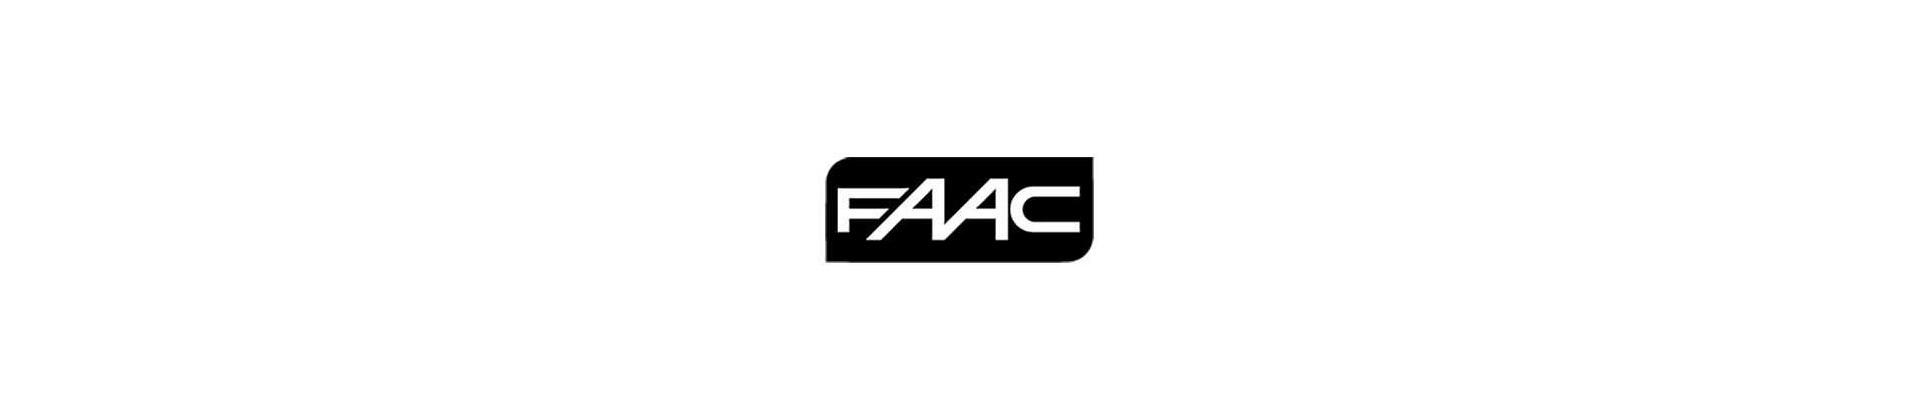 Motorisation FAAC